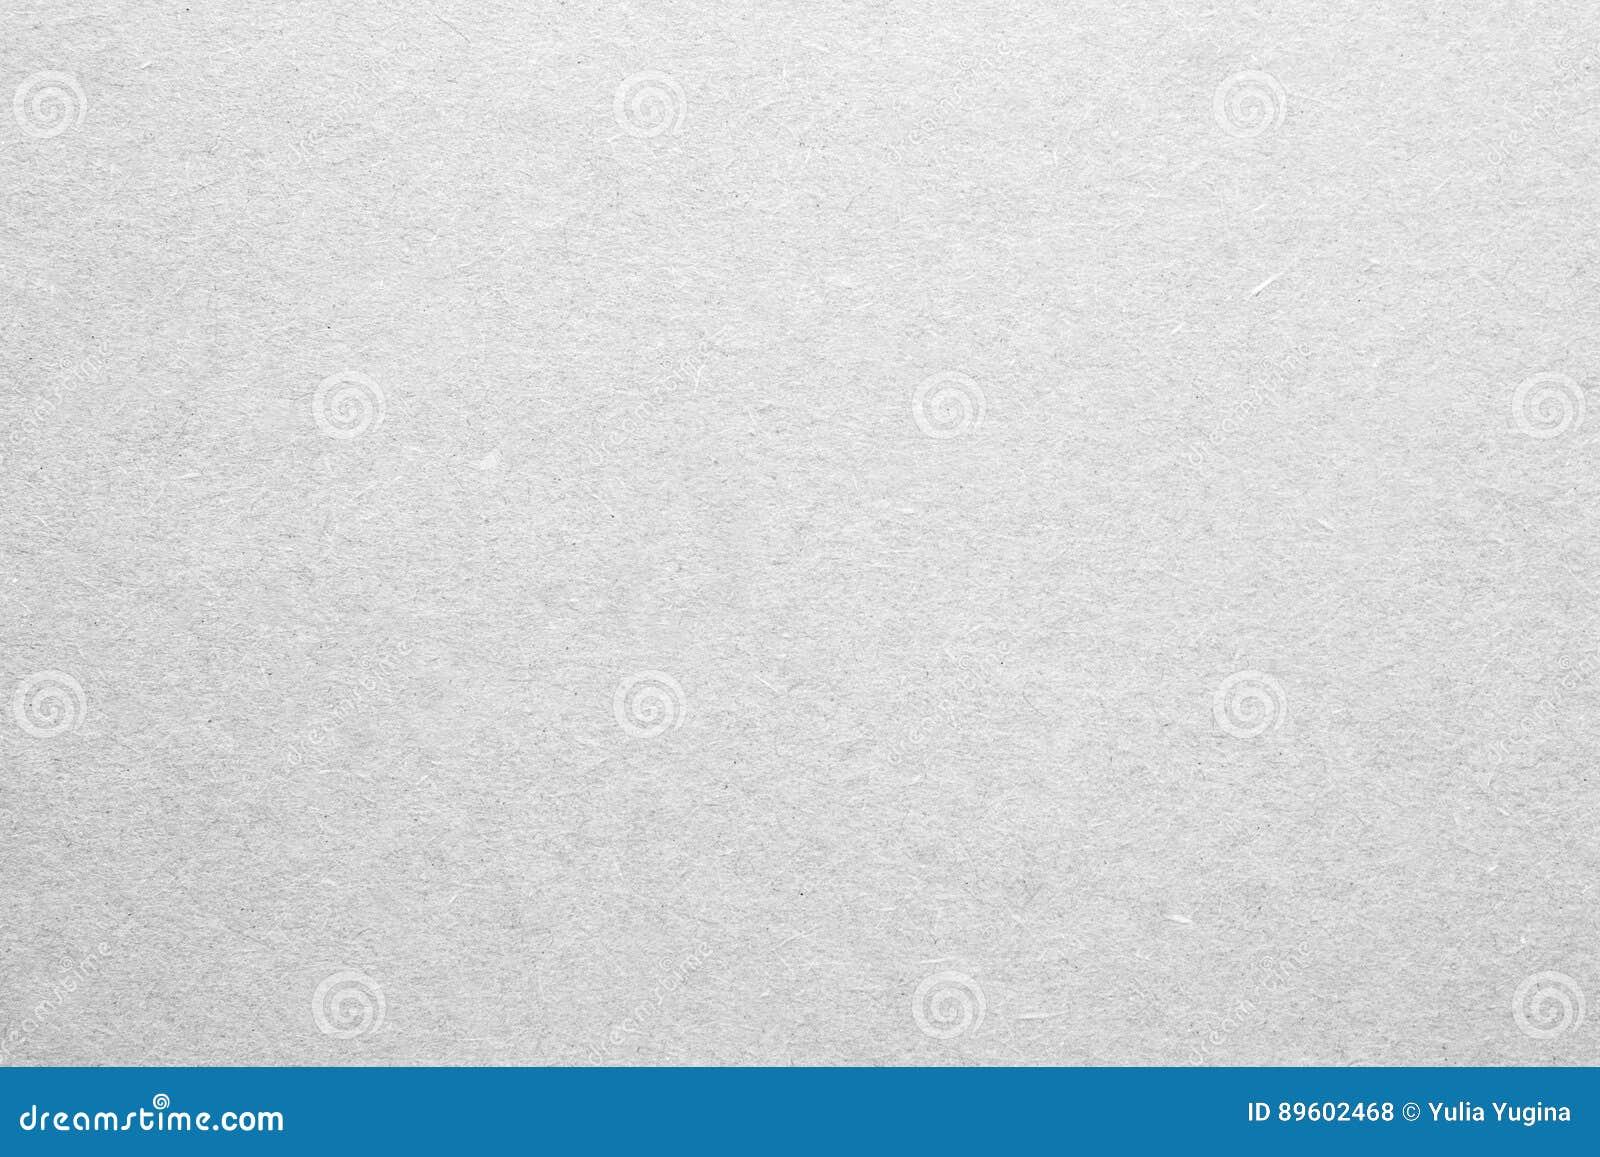 Tomt ark av papper eller kryssfaner i vit färg